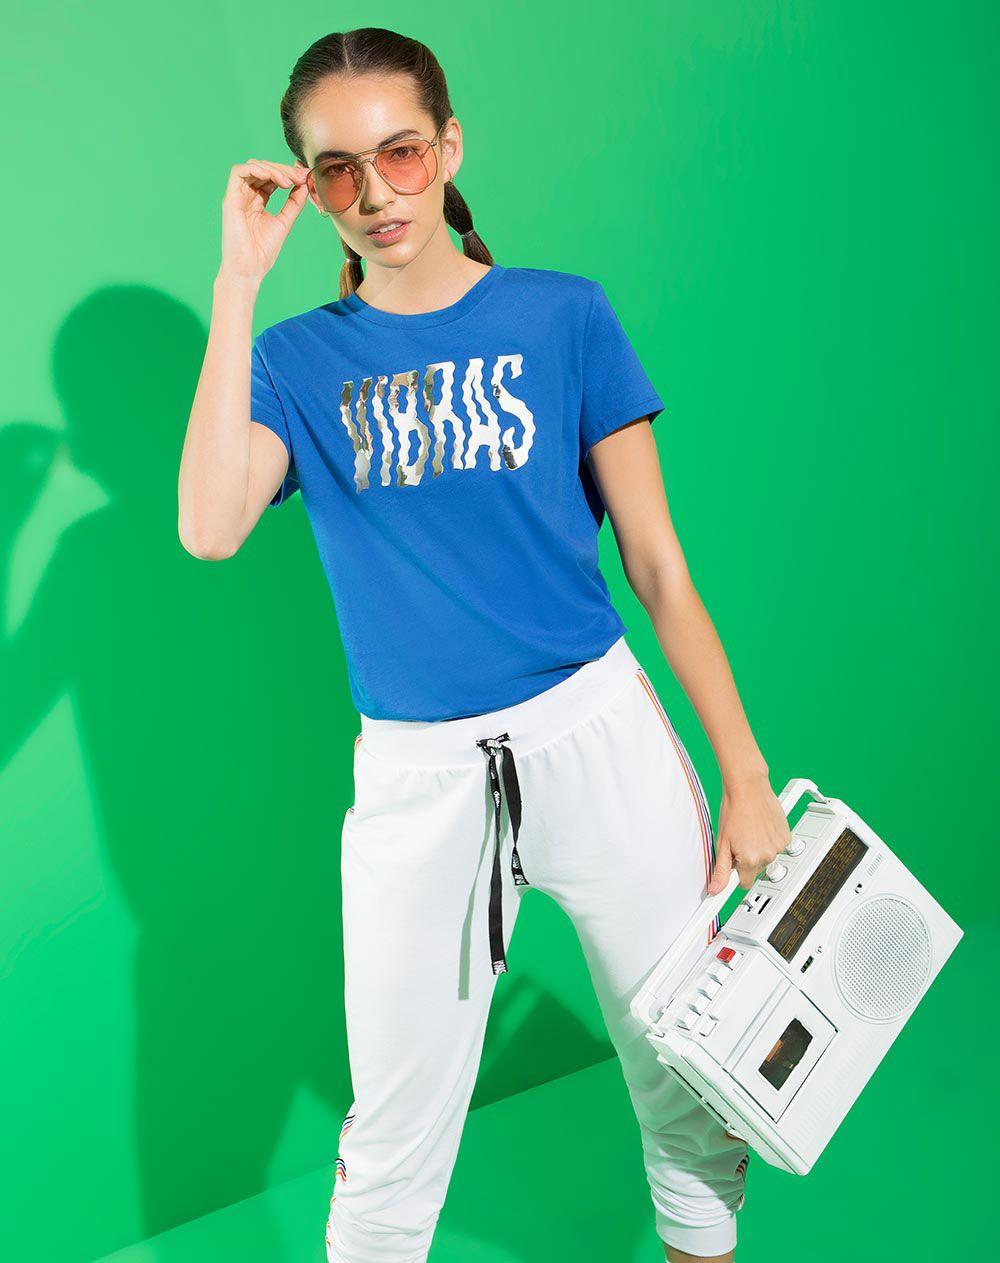 d66f281f1315 Camiseta para Mujer Bumbum Azul Rey Gef   Moda J balvin   Azul rey ...